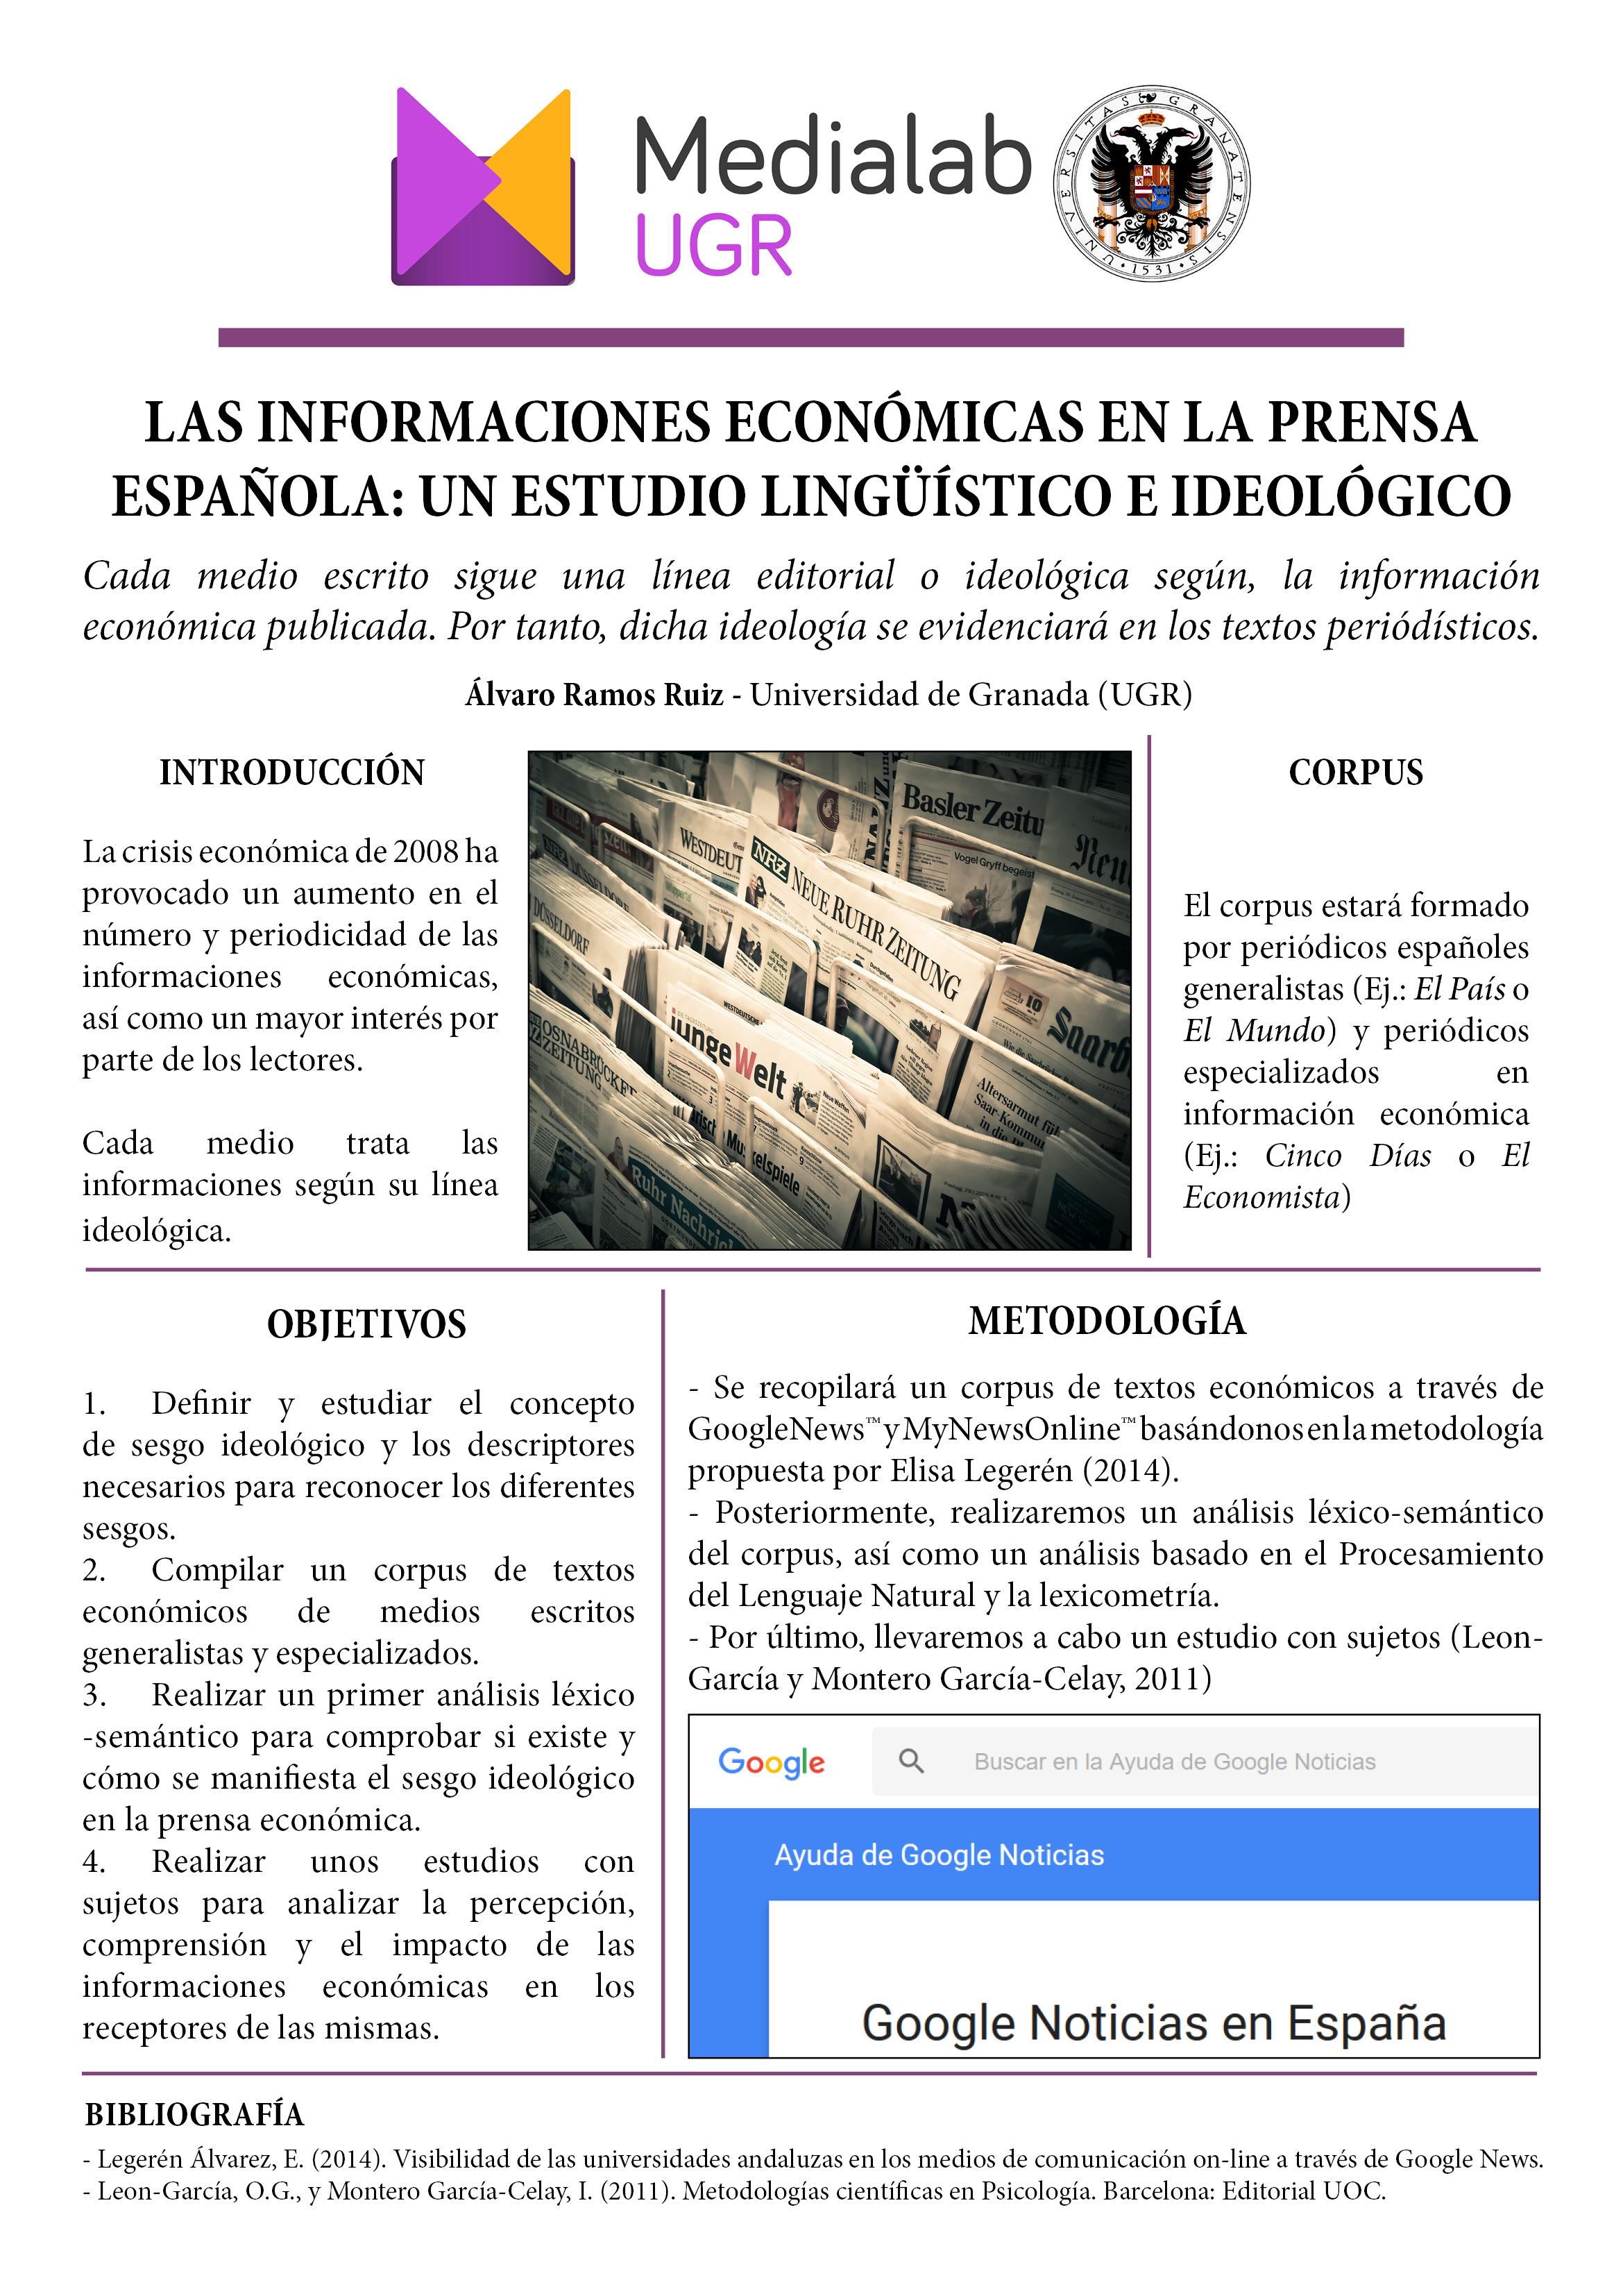 Las informaciones económicas en la prensa española: un estudio lingüístico e ideológico